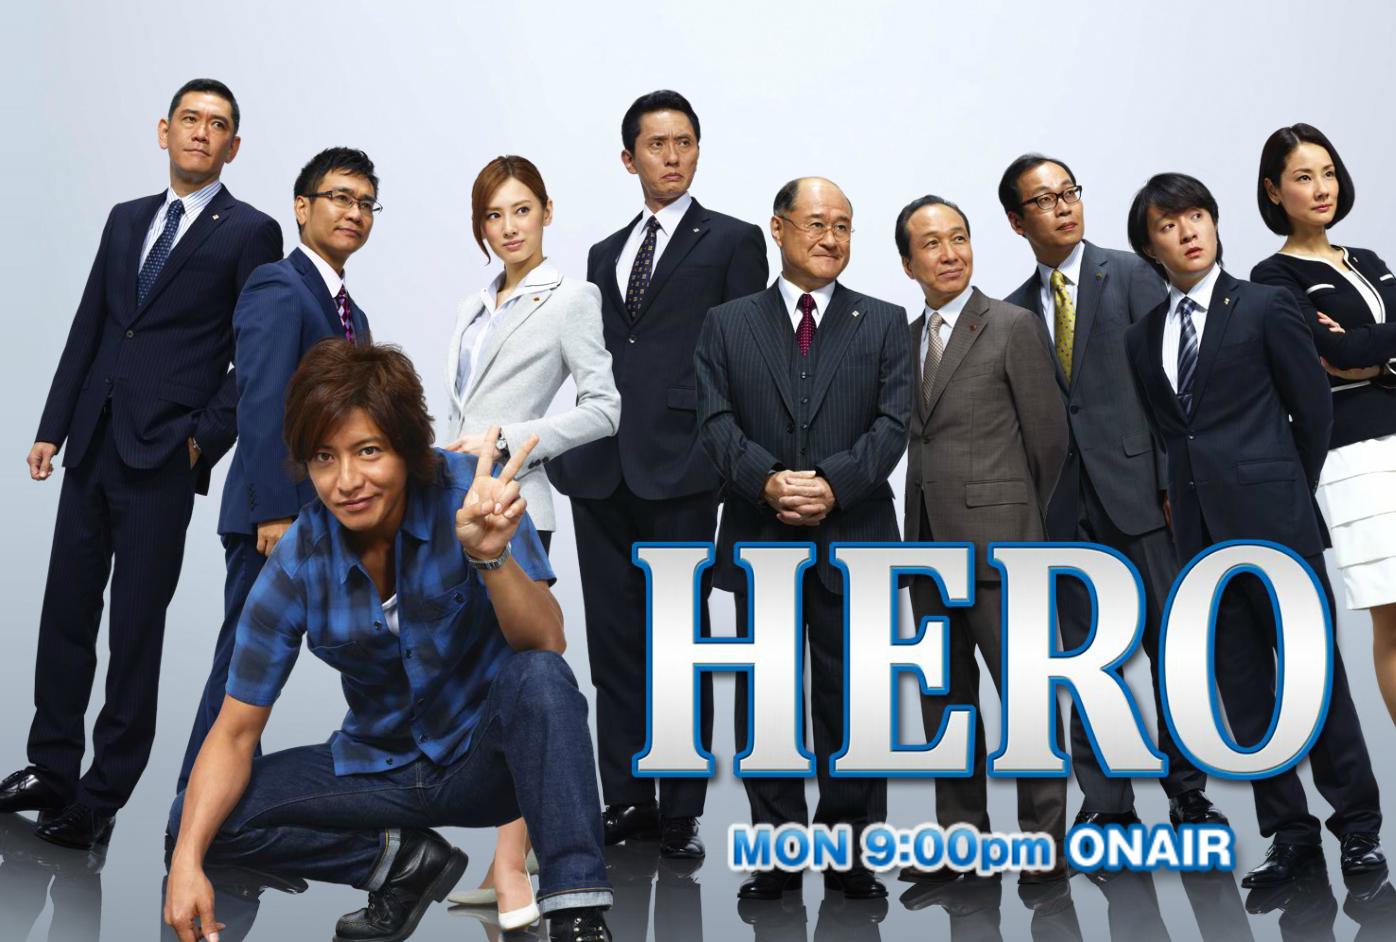 夏休みは 映画「HERO」のロケ地めぐりで楽しむ! | ジャニーズTIMES